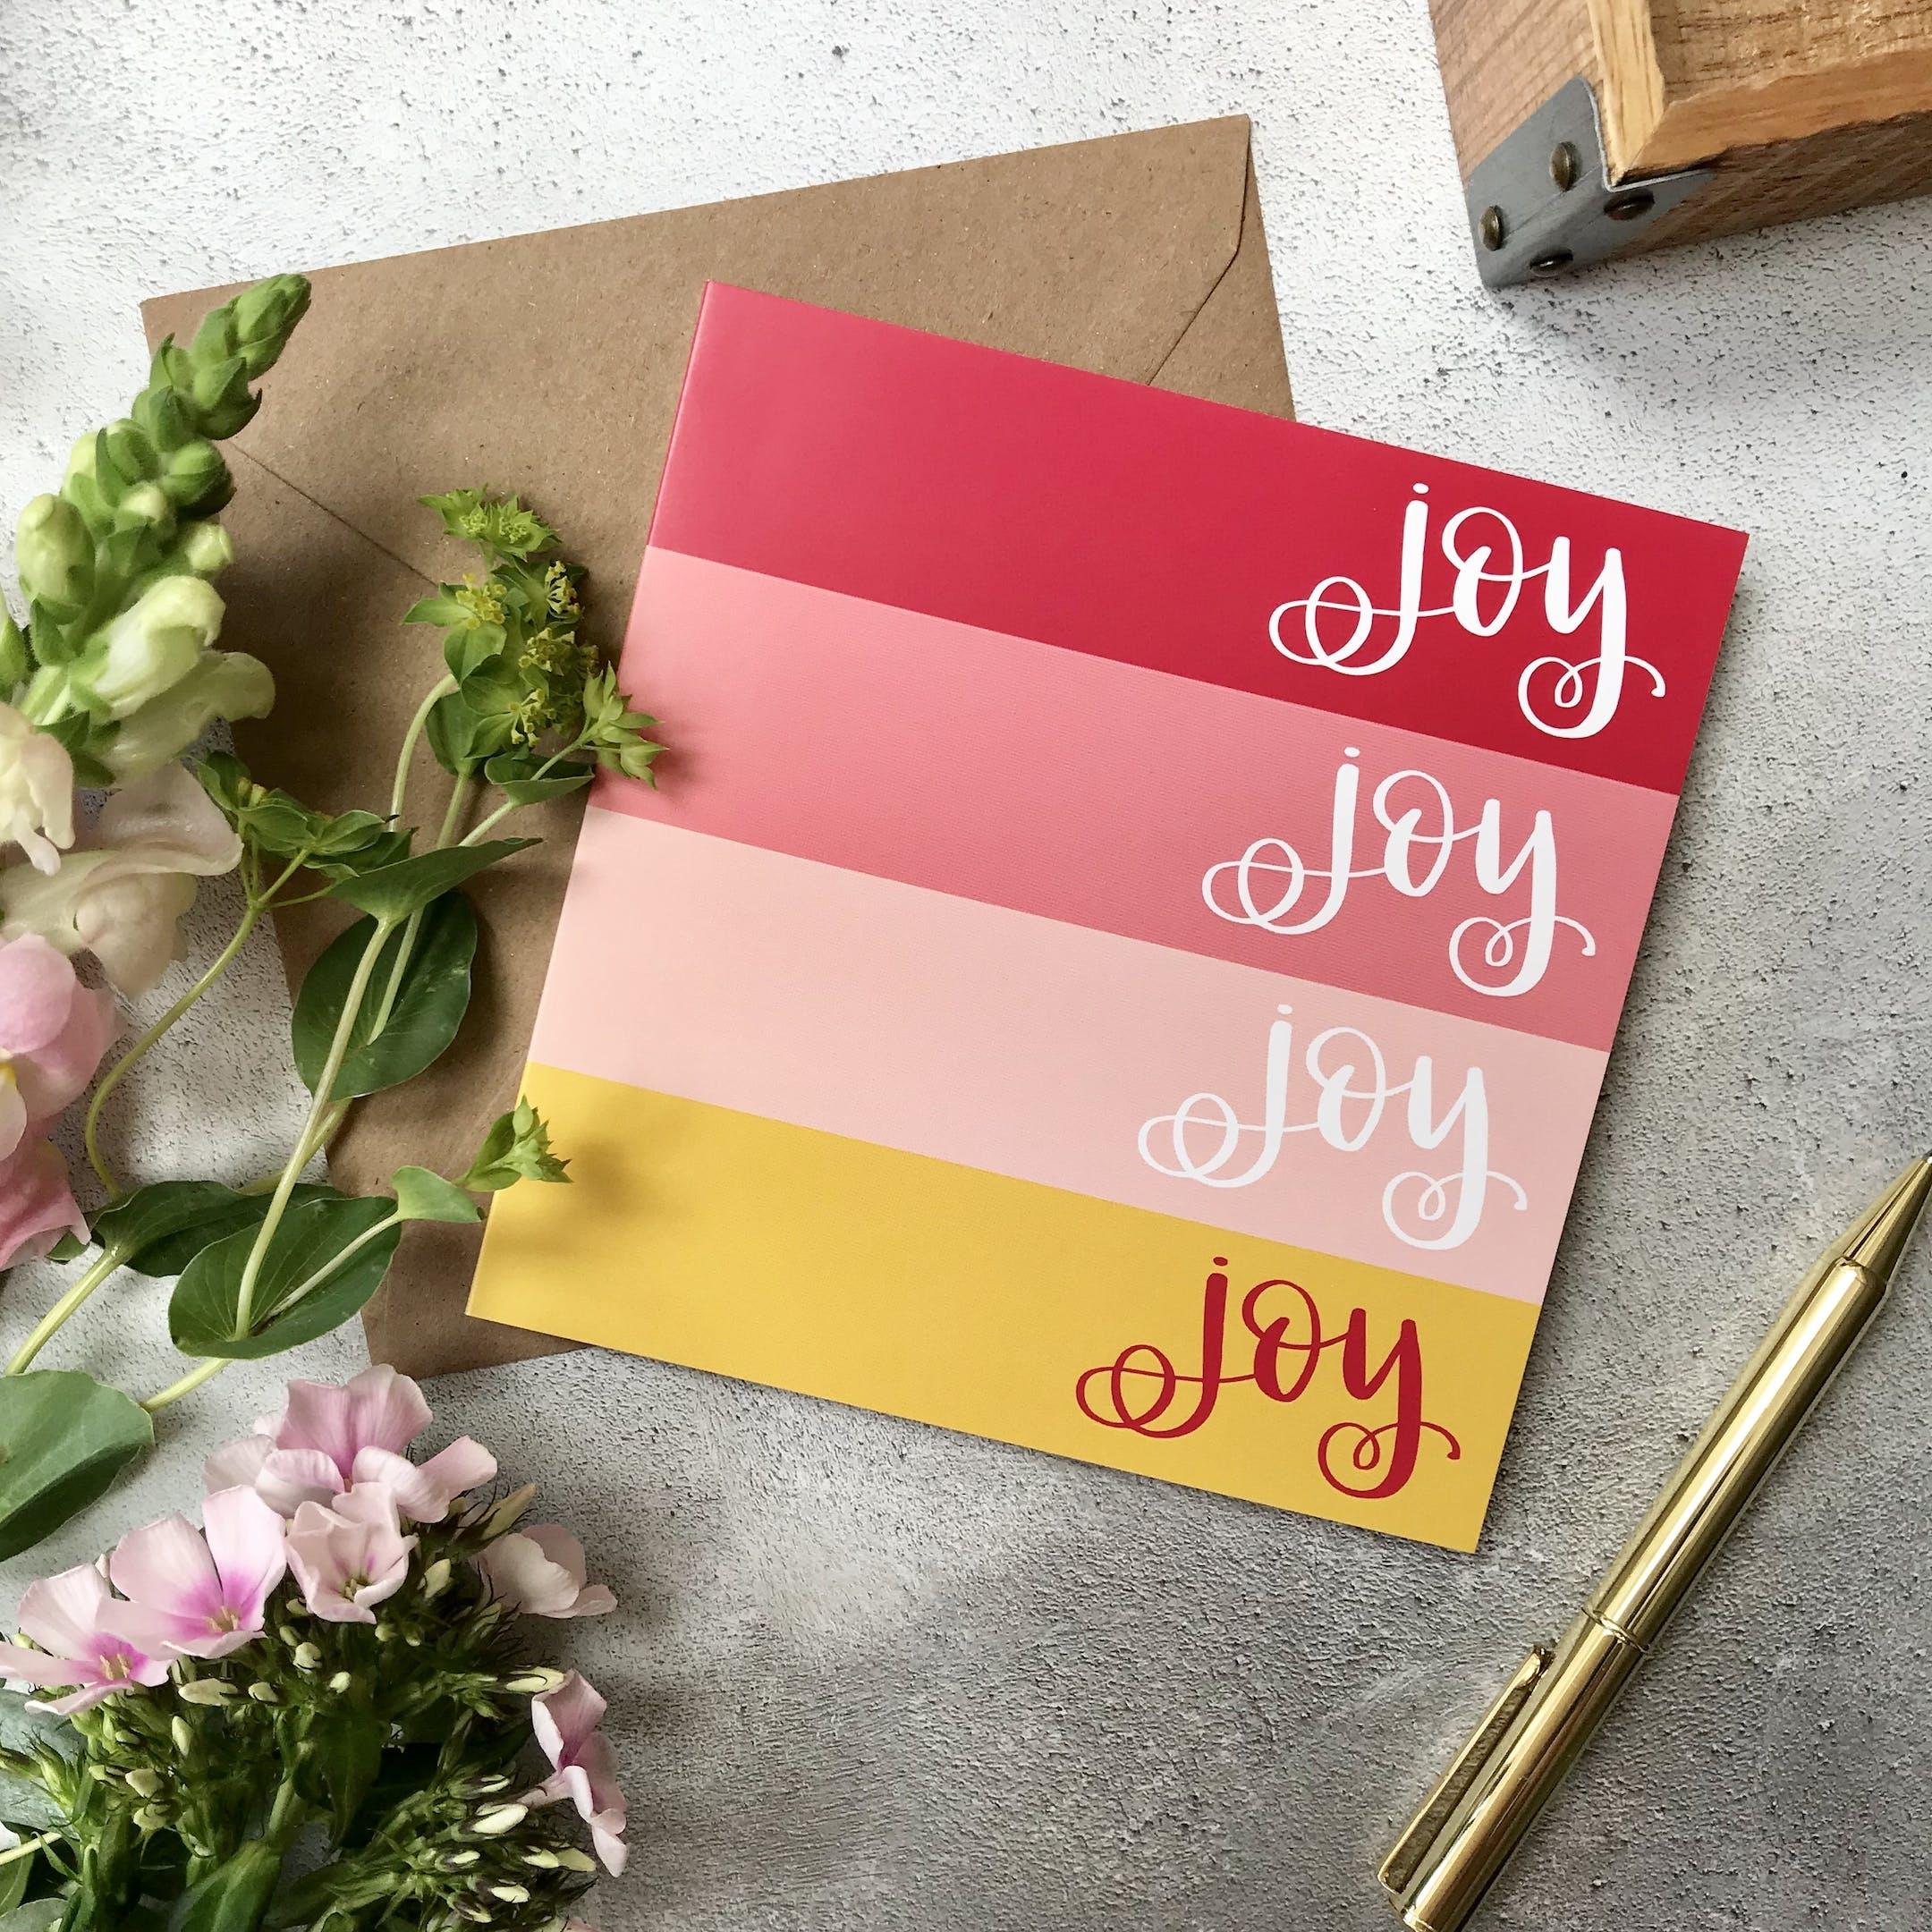 Yellow and Pink Joy Joy Joy Joy Card - Hope and Ginger